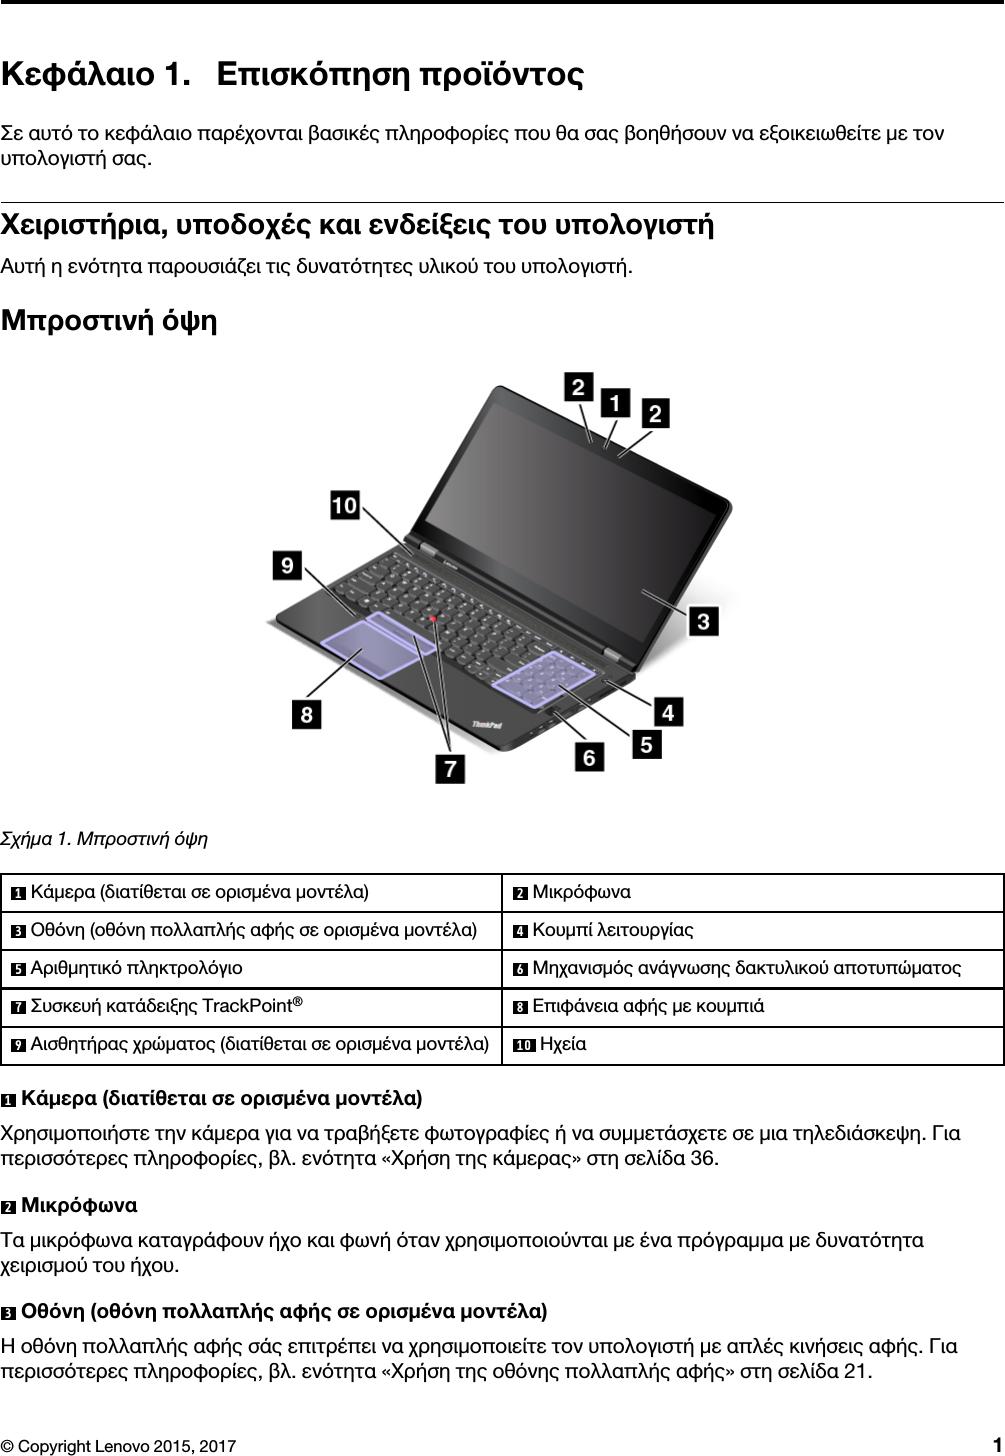 Πώς μπορώ να συνδέσω δύο οθόνες στο σταθμό σύνδεσης HP